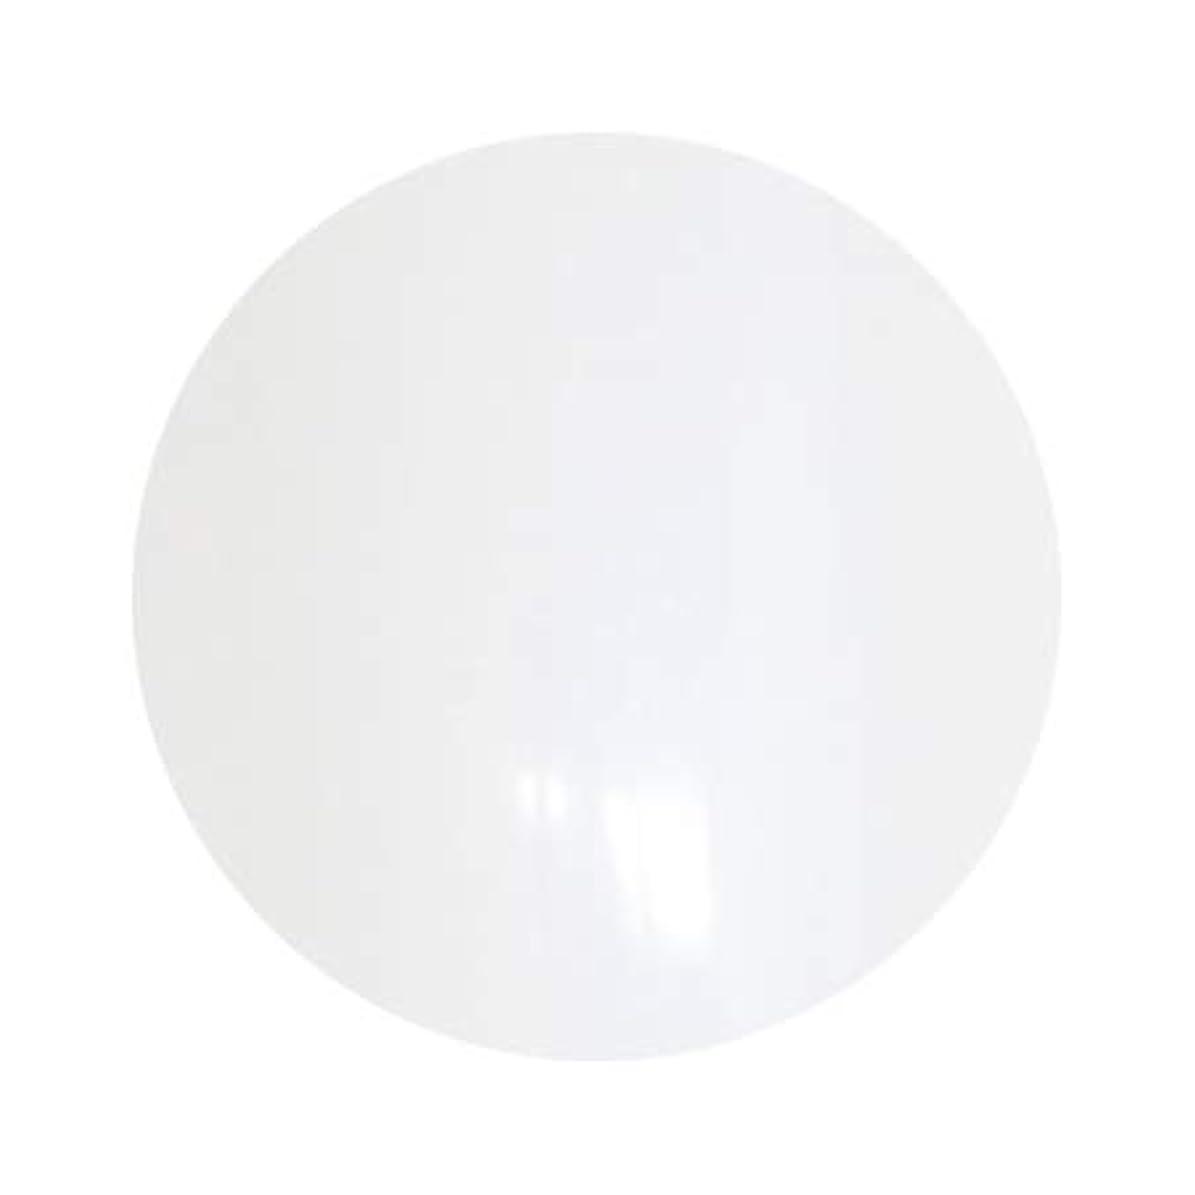 サービスサービス圧縮されたLUCU GEL ルクジェル カラー WHP06 ムーンストーン 3.5g